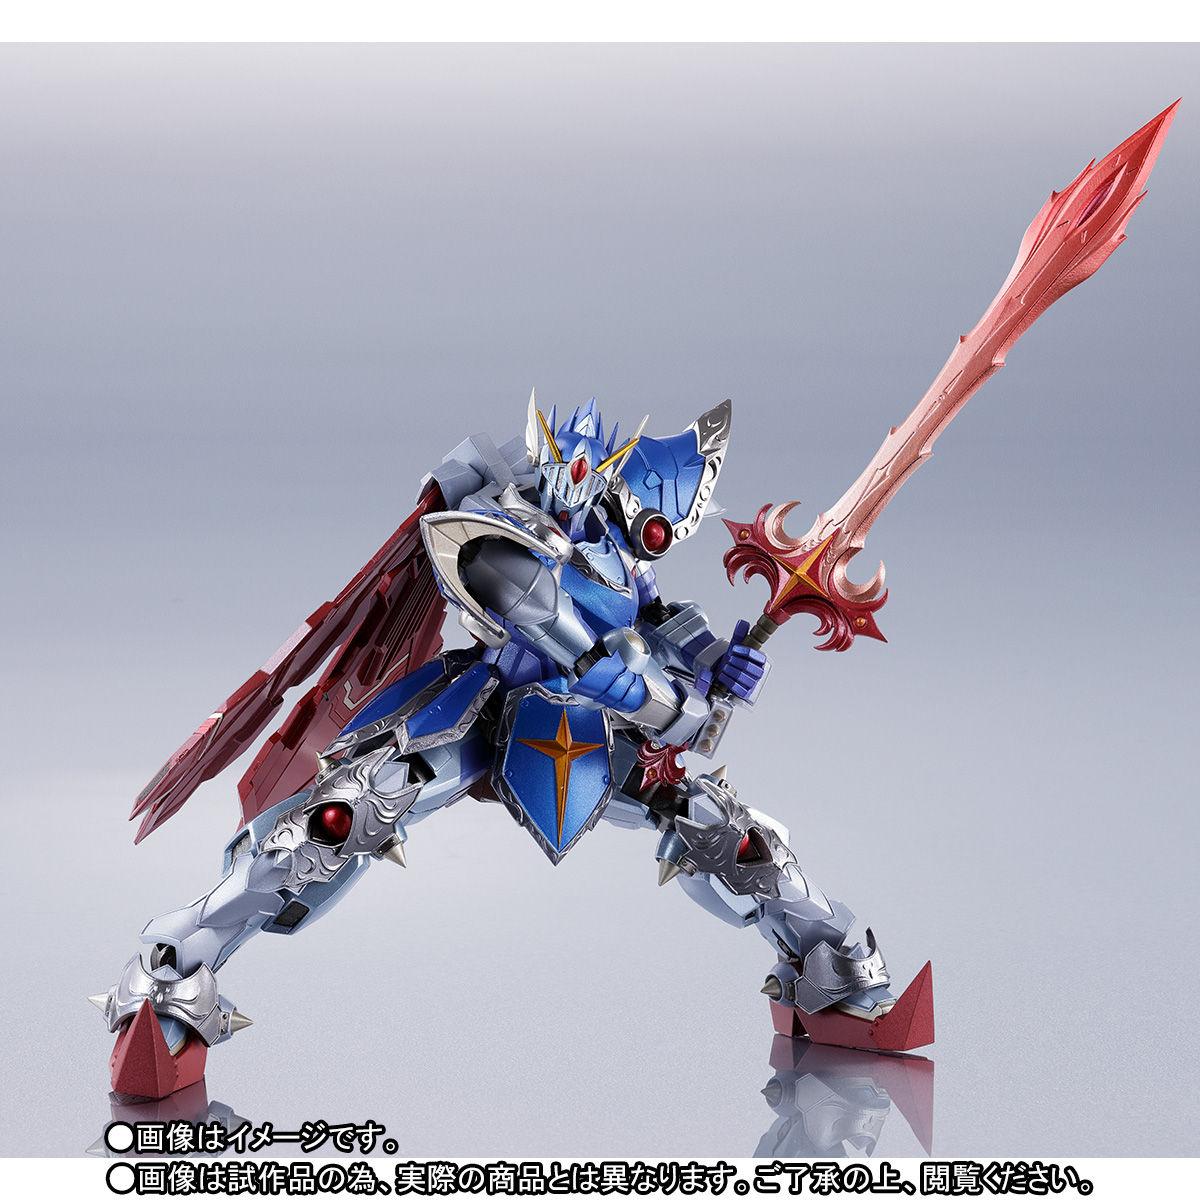 METAL ROBOT魂 〈SIDE MS〉『フルアーマー騎士ガンダム(リアルタイプver.)|SDガンダム外伝』可動フィギュア-007